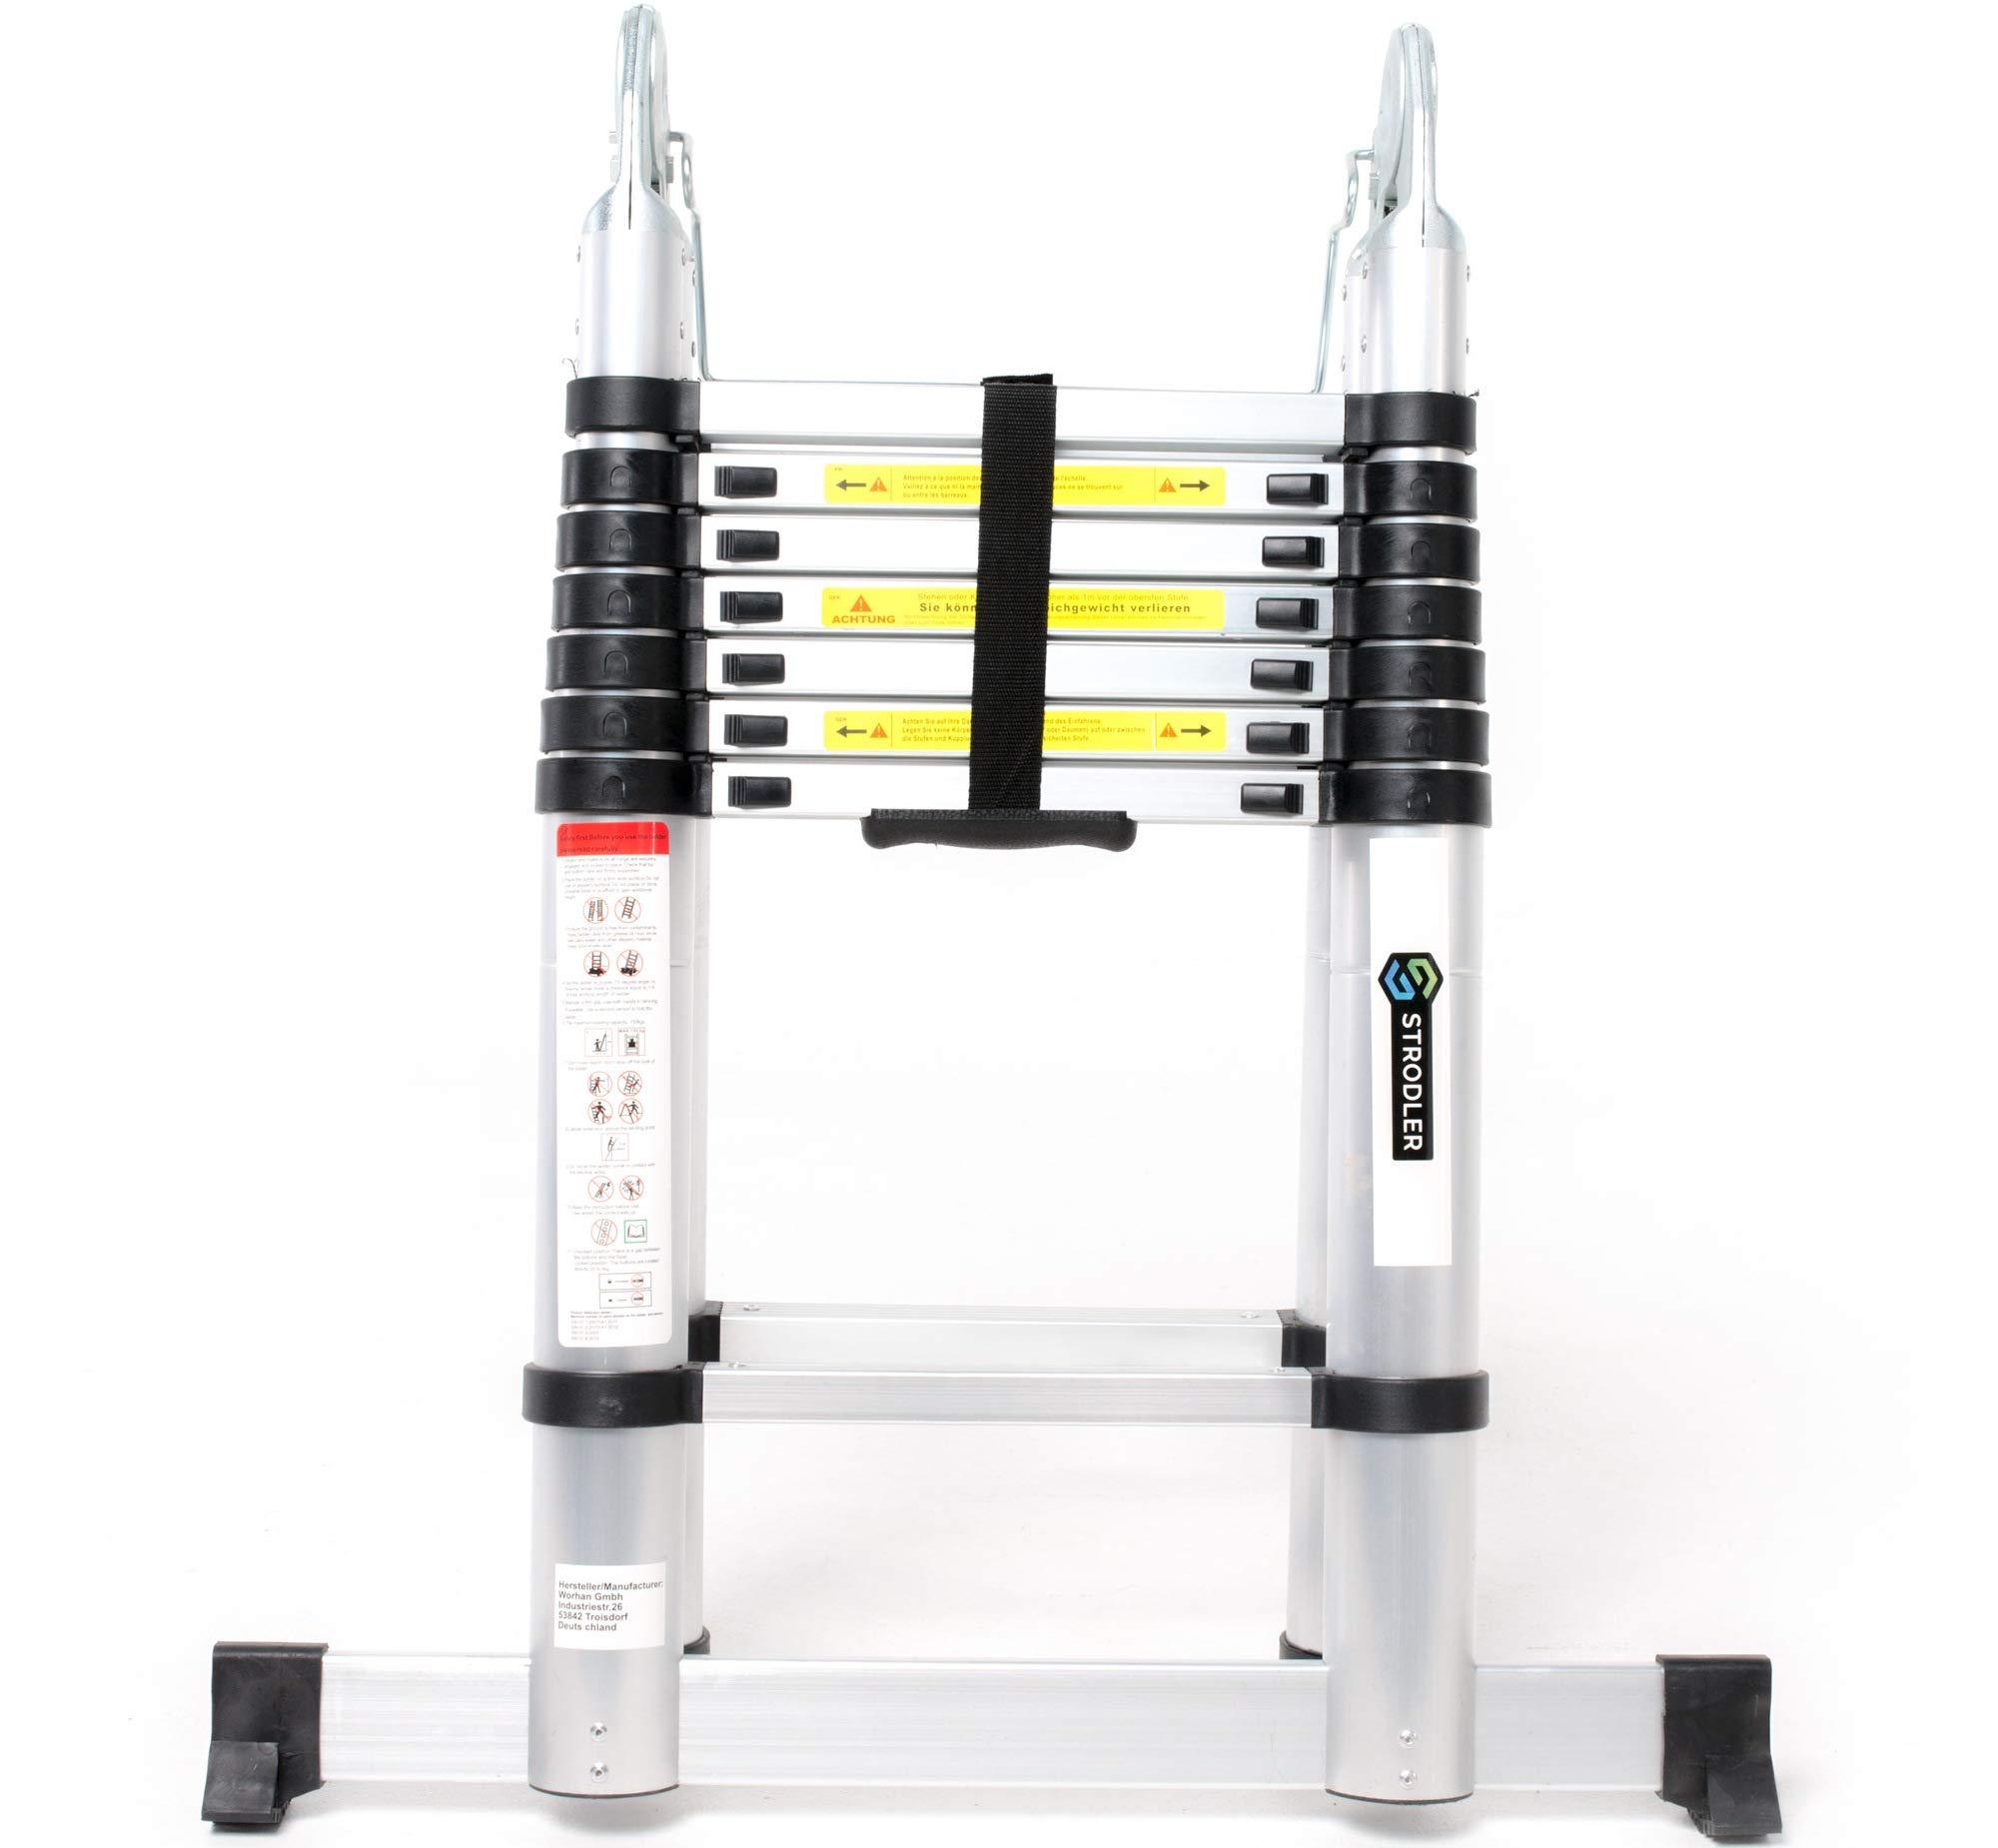 Escalera telescópica STRODLER® 5m Extensible Tijera Plegable de Aluminio Portátil Ligera: Amazon.es: Bricolaje y herramientas